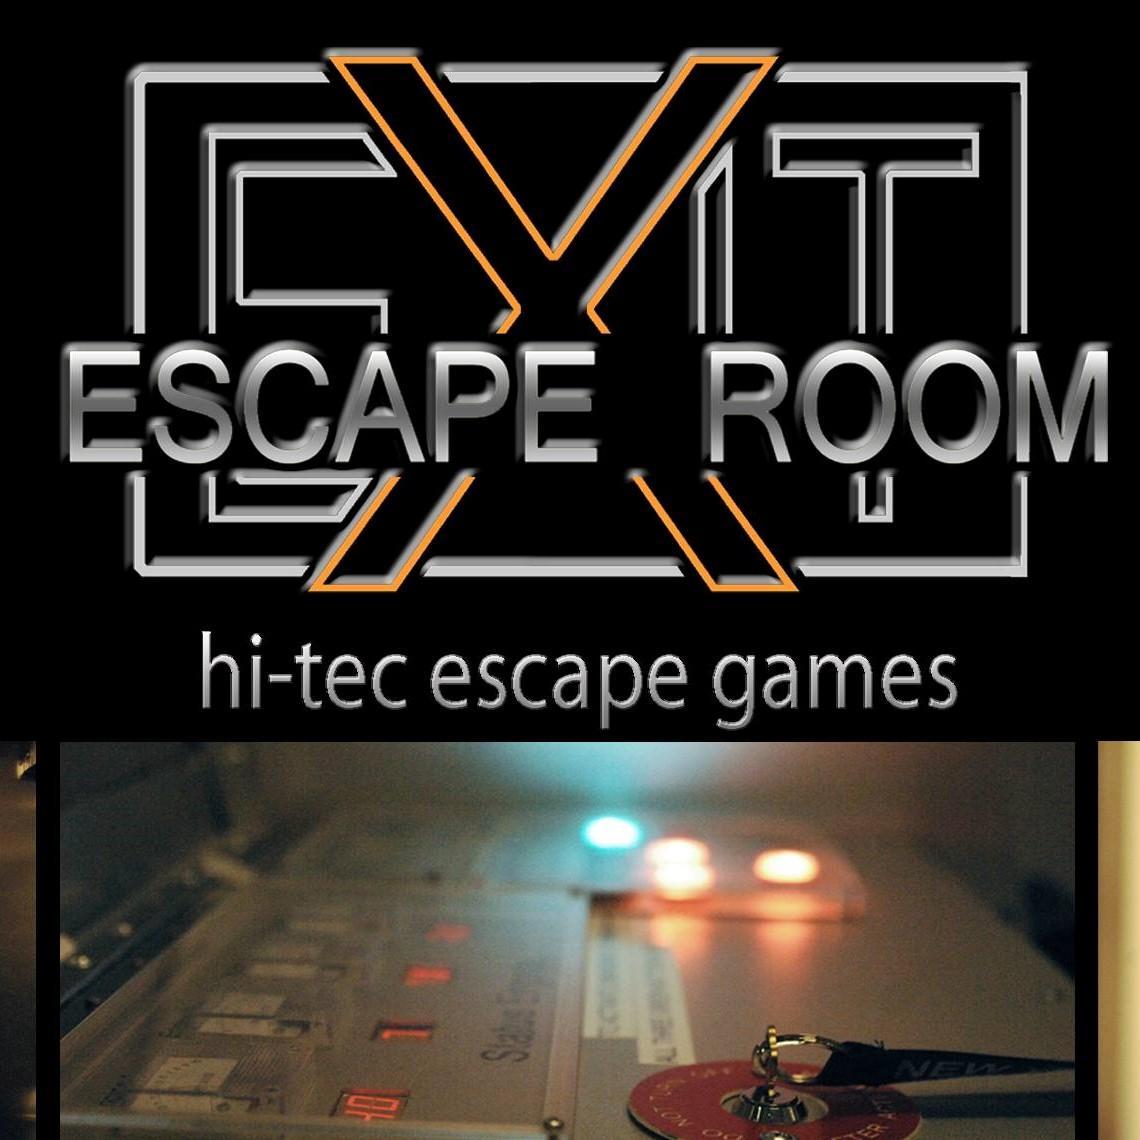 Exit Escape Room NYC